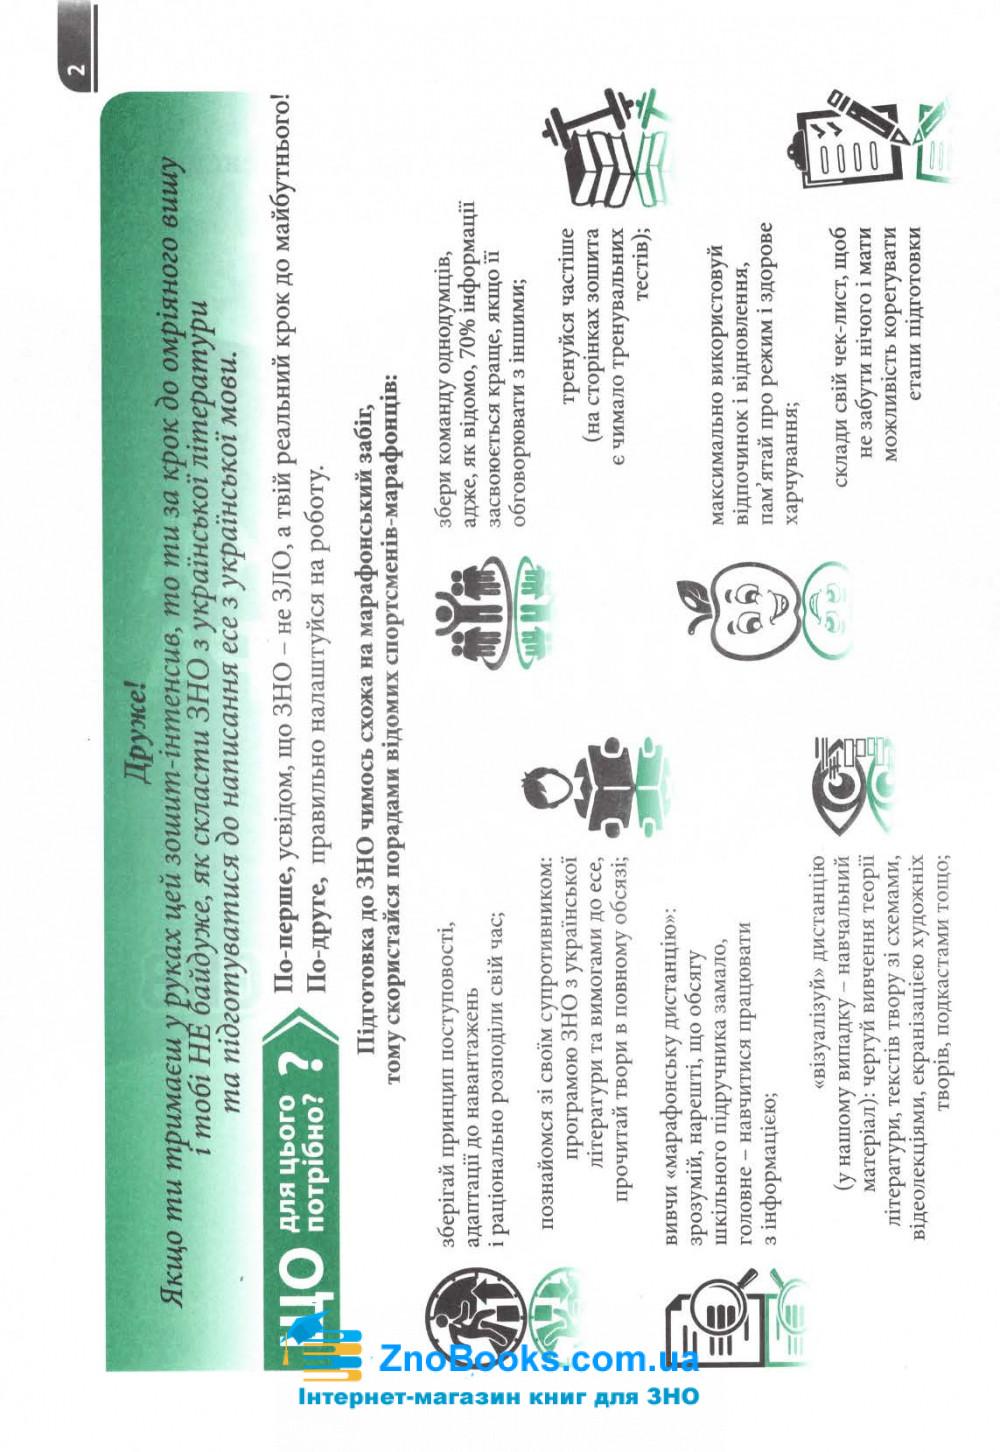 Сучасна підготовка до ЗНО з української літератури. Зошит-інтенсив : Золочевська Н. Аксіома. купити 3